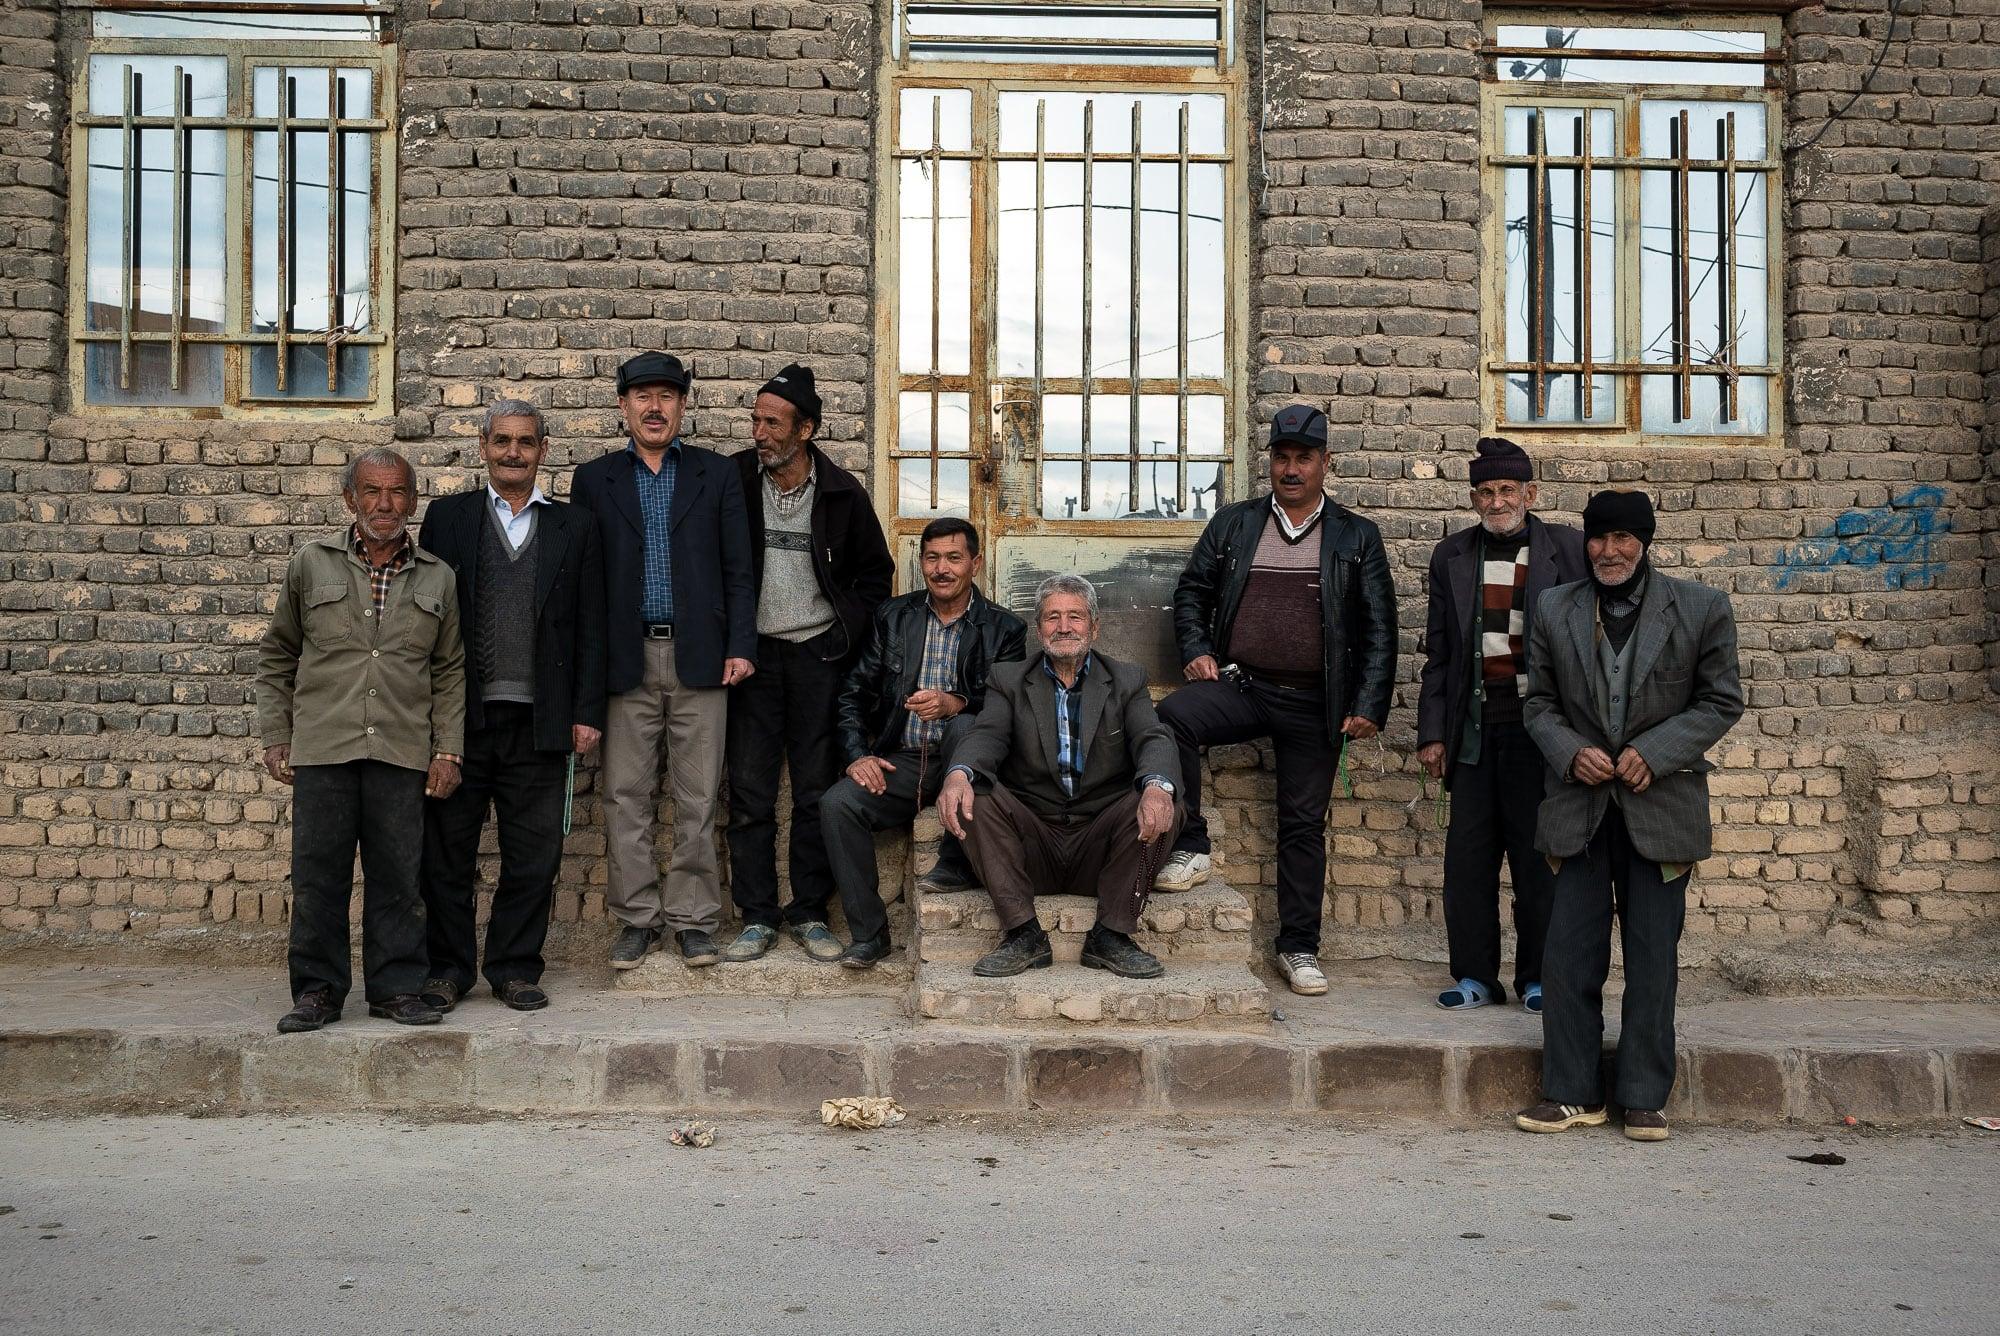 dudes of Mouchenan